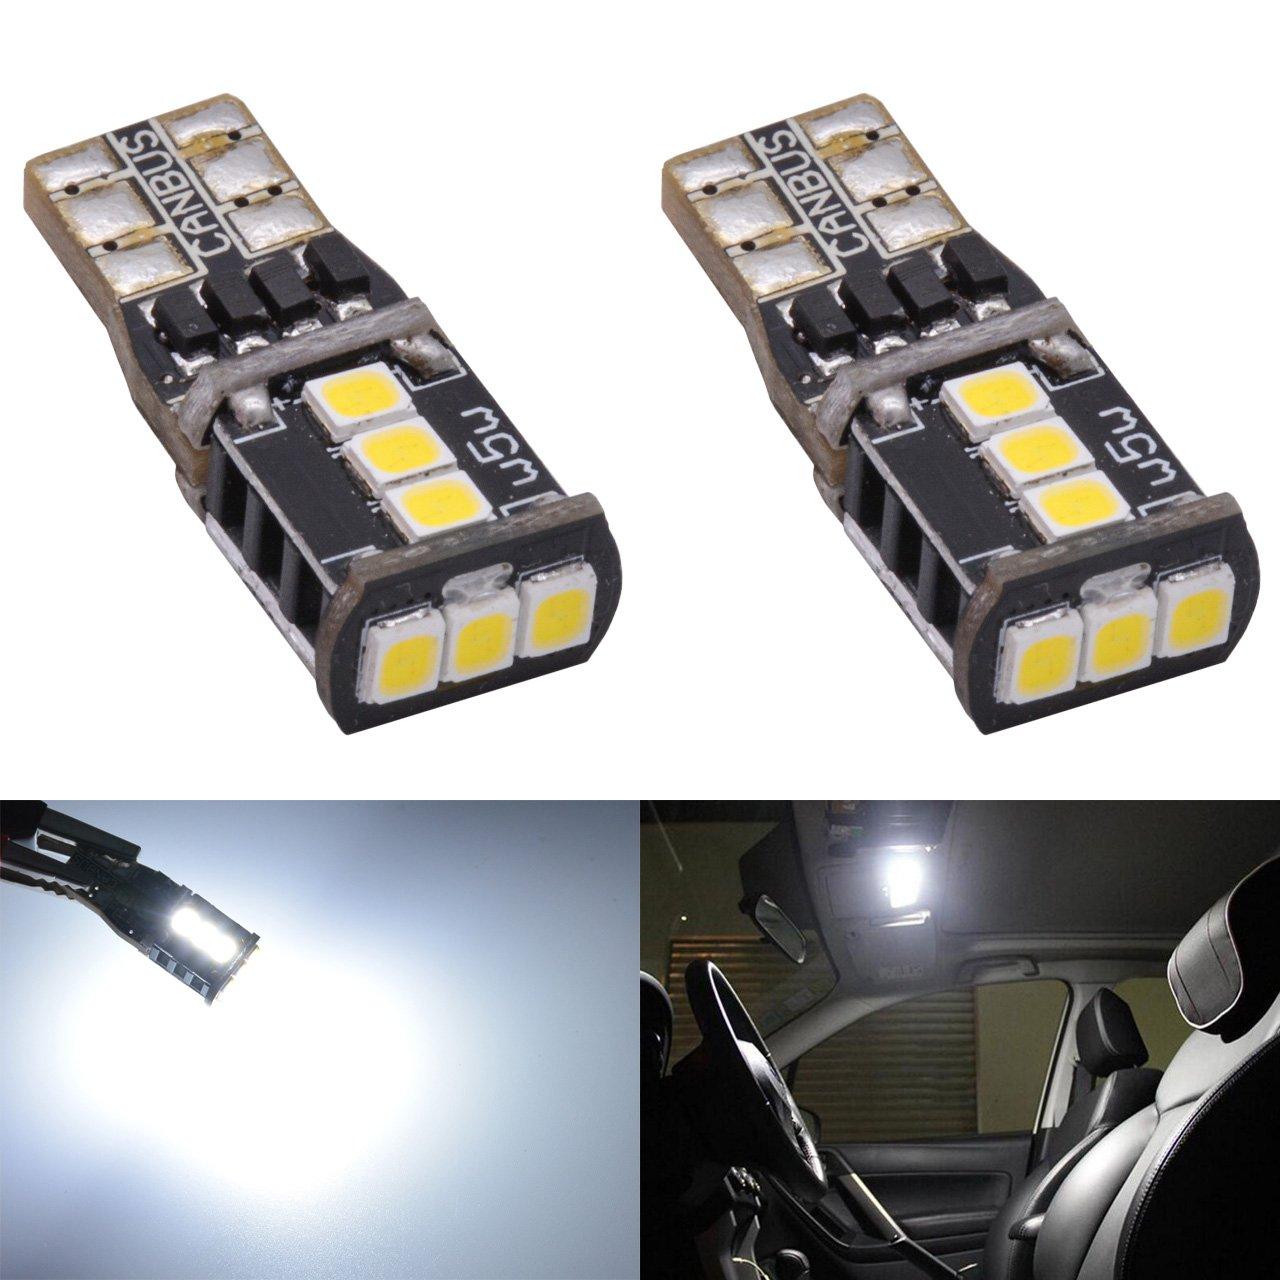 Katur T10 2825 W5 W 194 168 168 NA 175 Inté rieur de voiture ampoule LED 2835 laiteux CANBUS Erro (gratuit Feux de plaque d'immatriculation Sidemarker Porte Courtois Dome carte ampoules LED DC 12